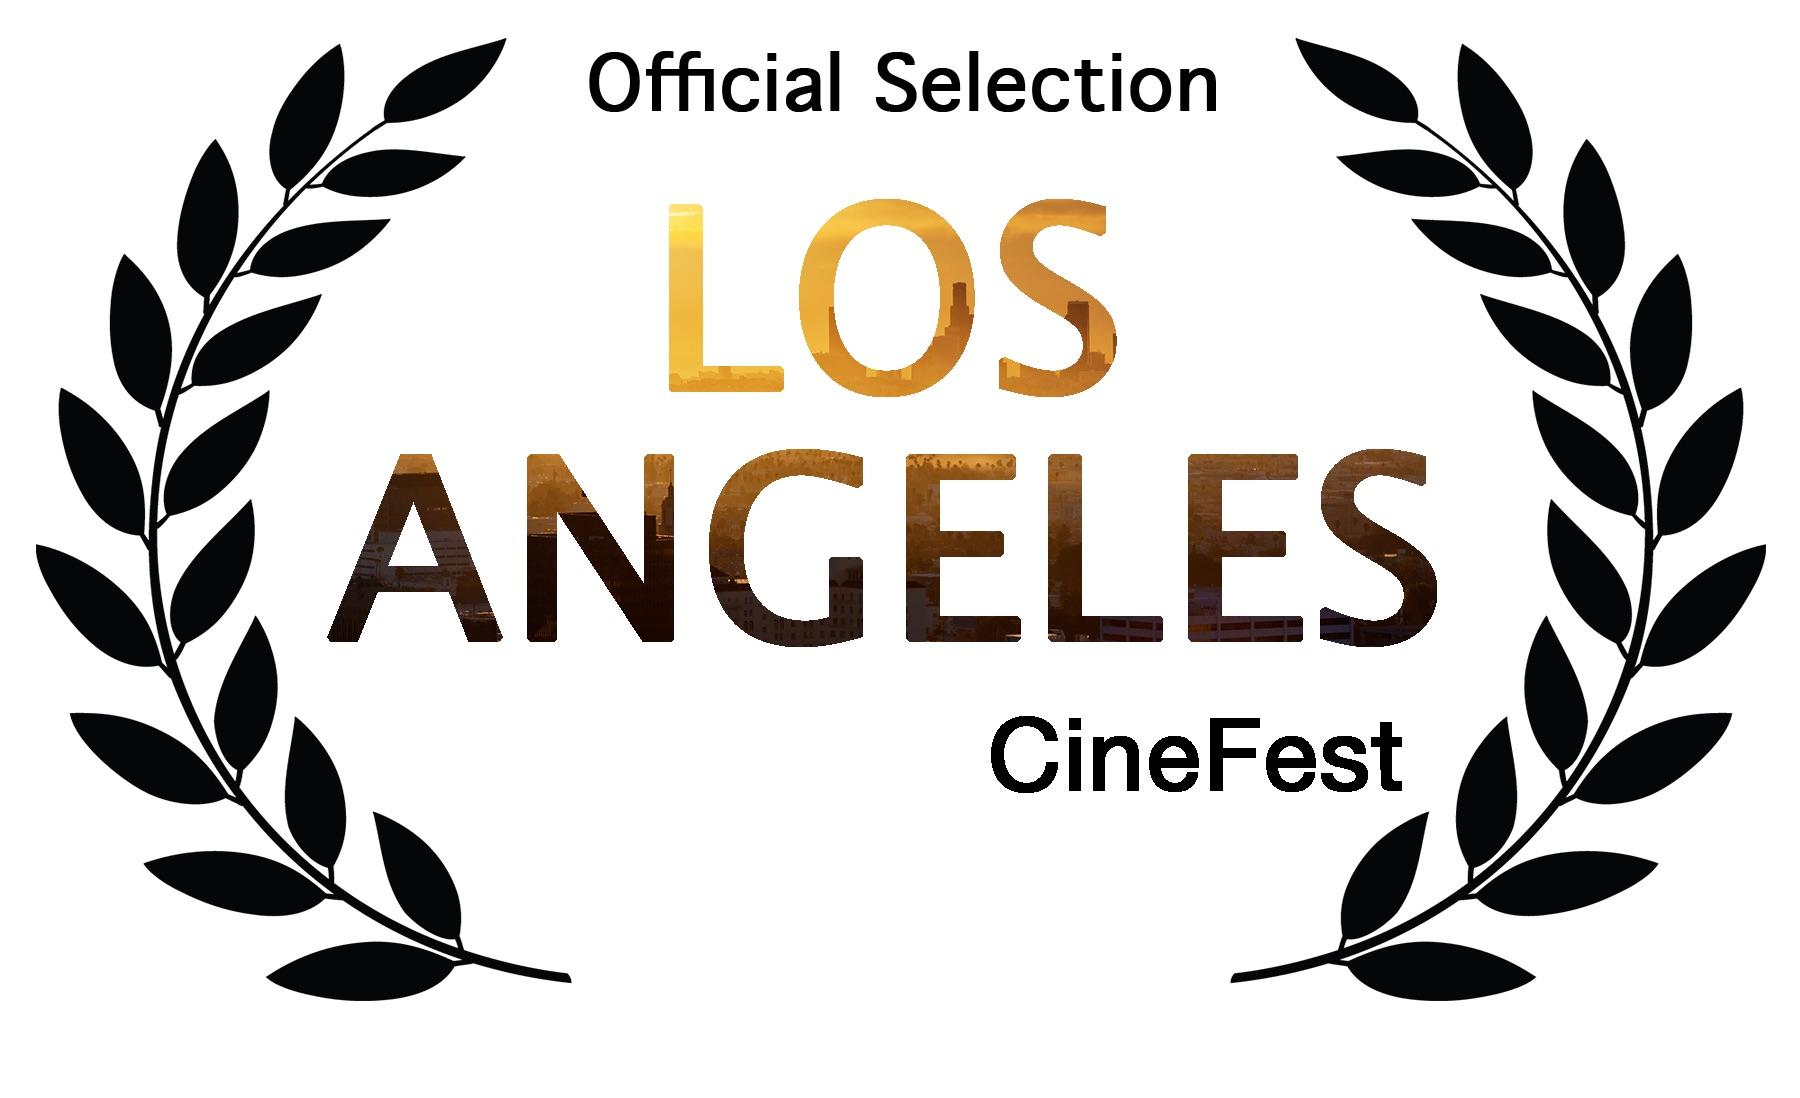 OFFICIAL SELECTION - LA Cinefest 2018.jpg